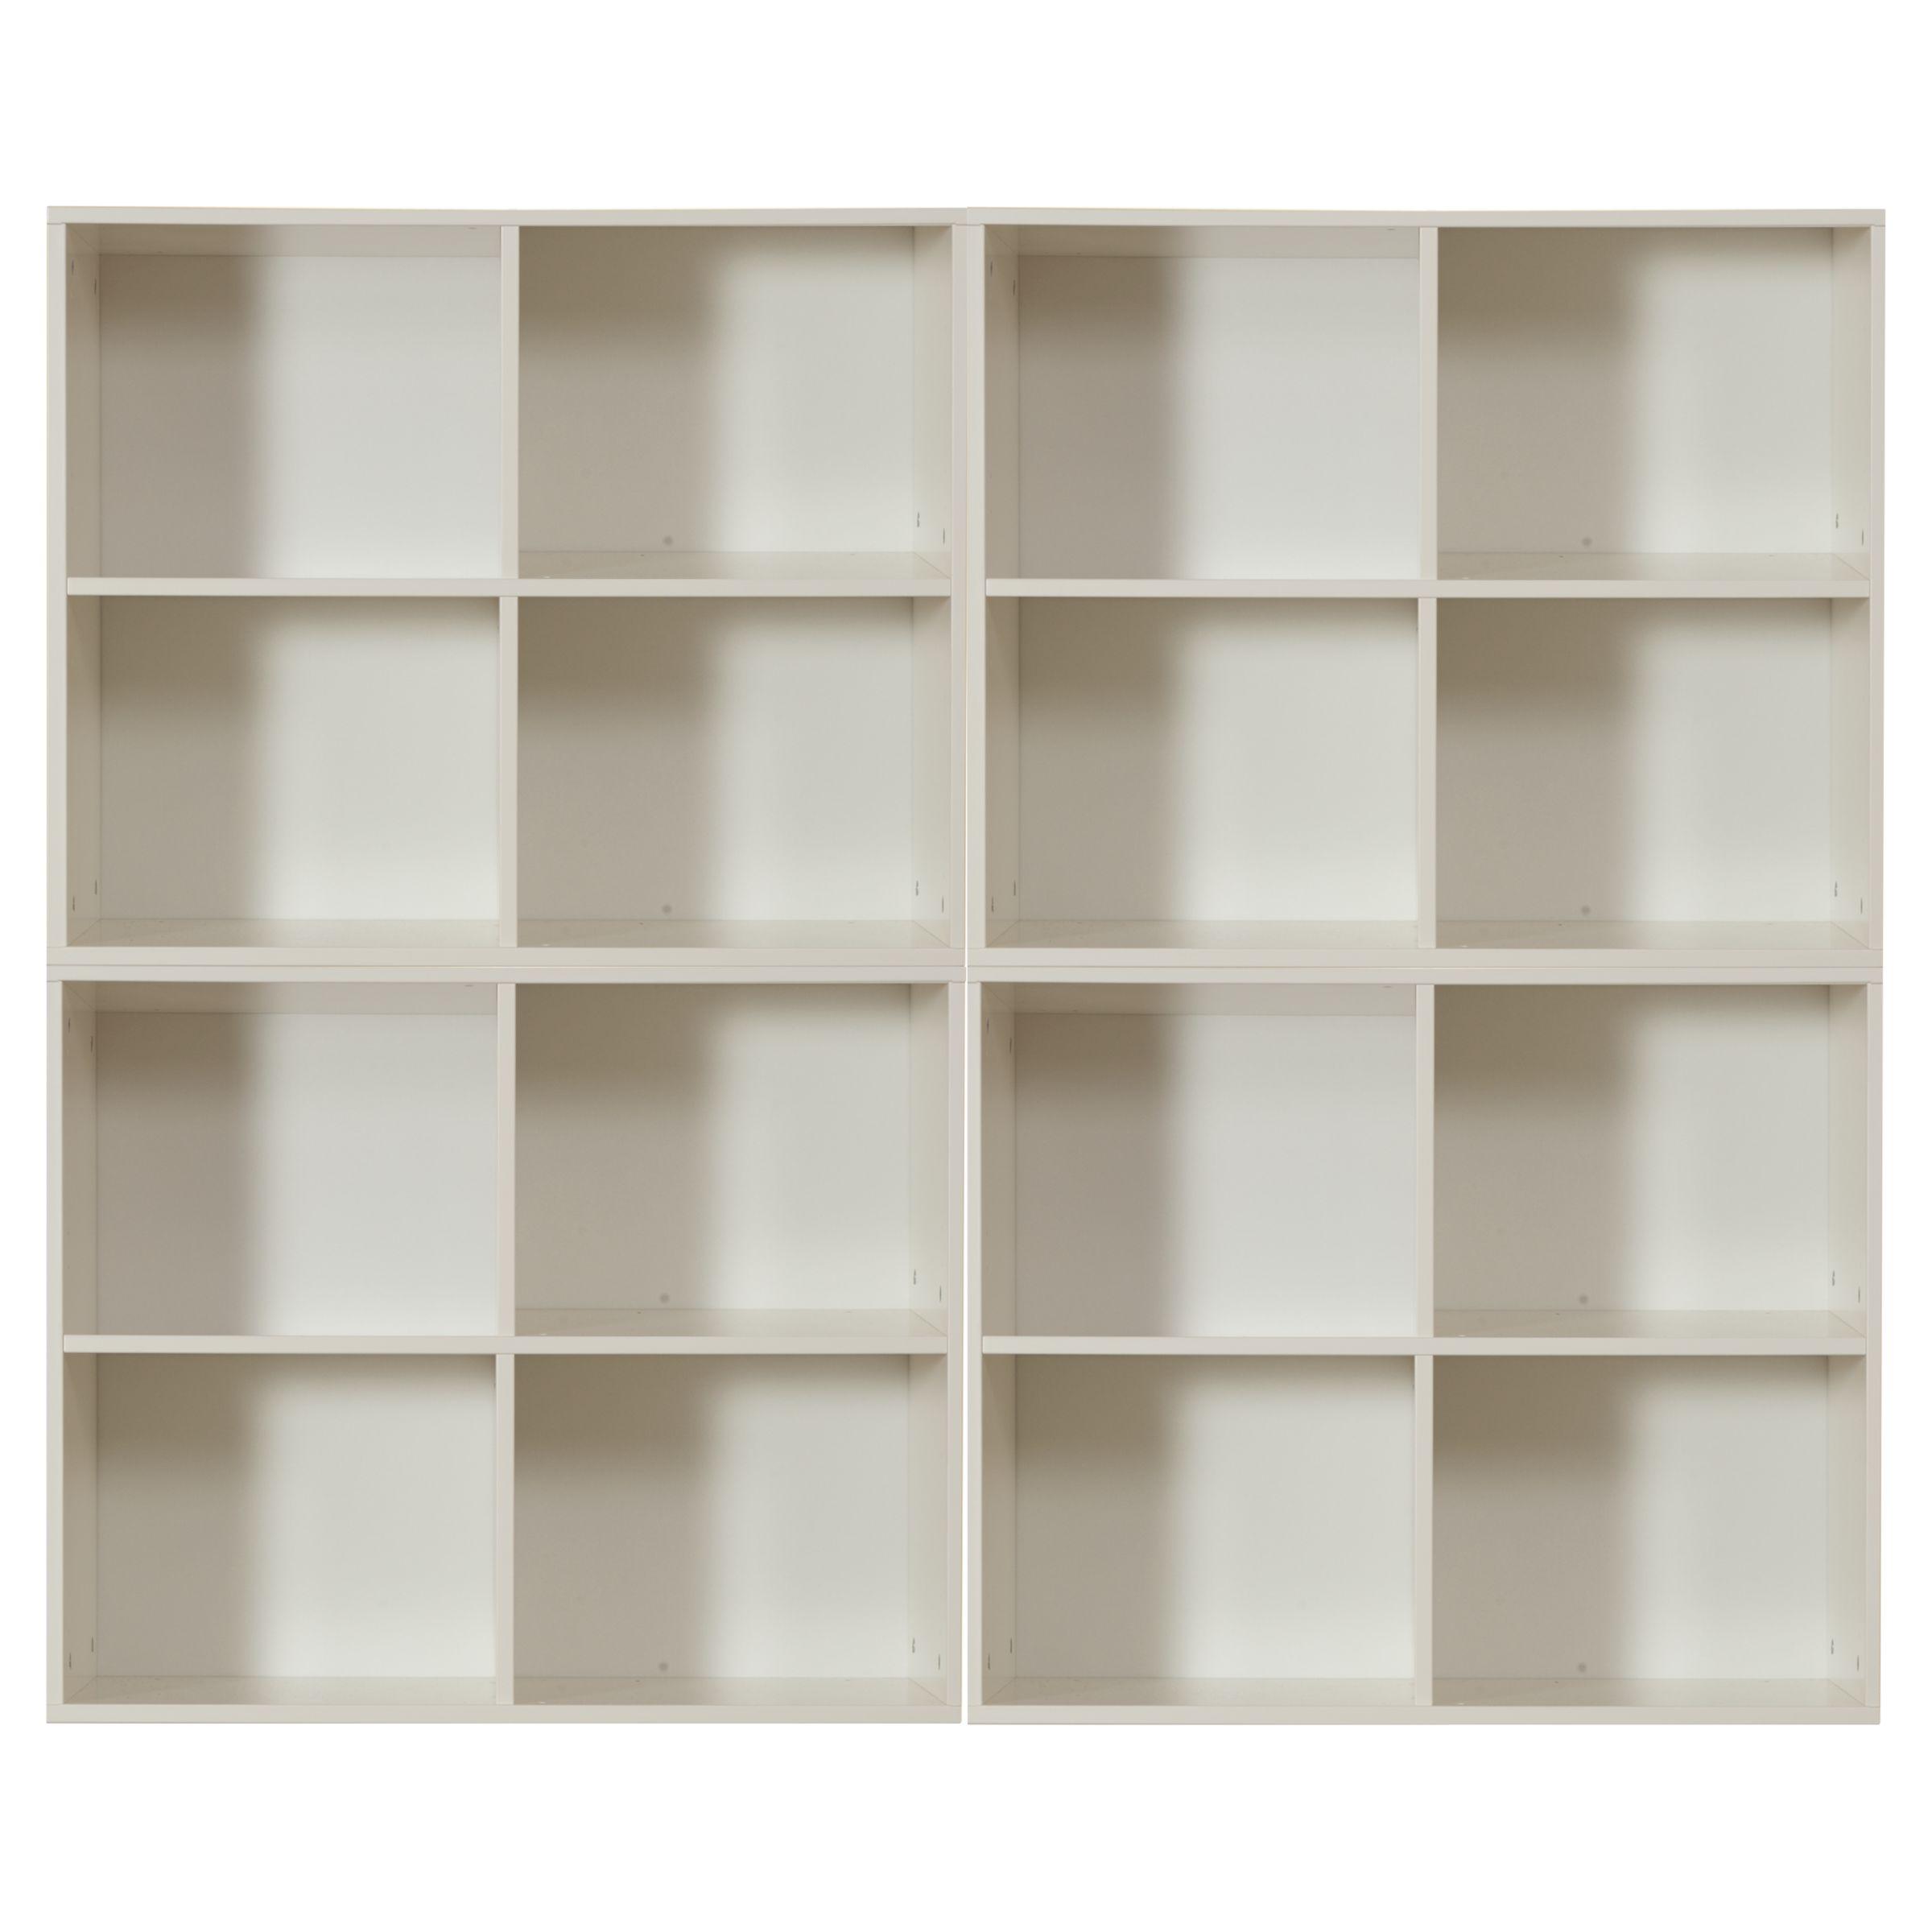 Stompa Stompa Uno S Plus 4 Unit Storage Combination, White